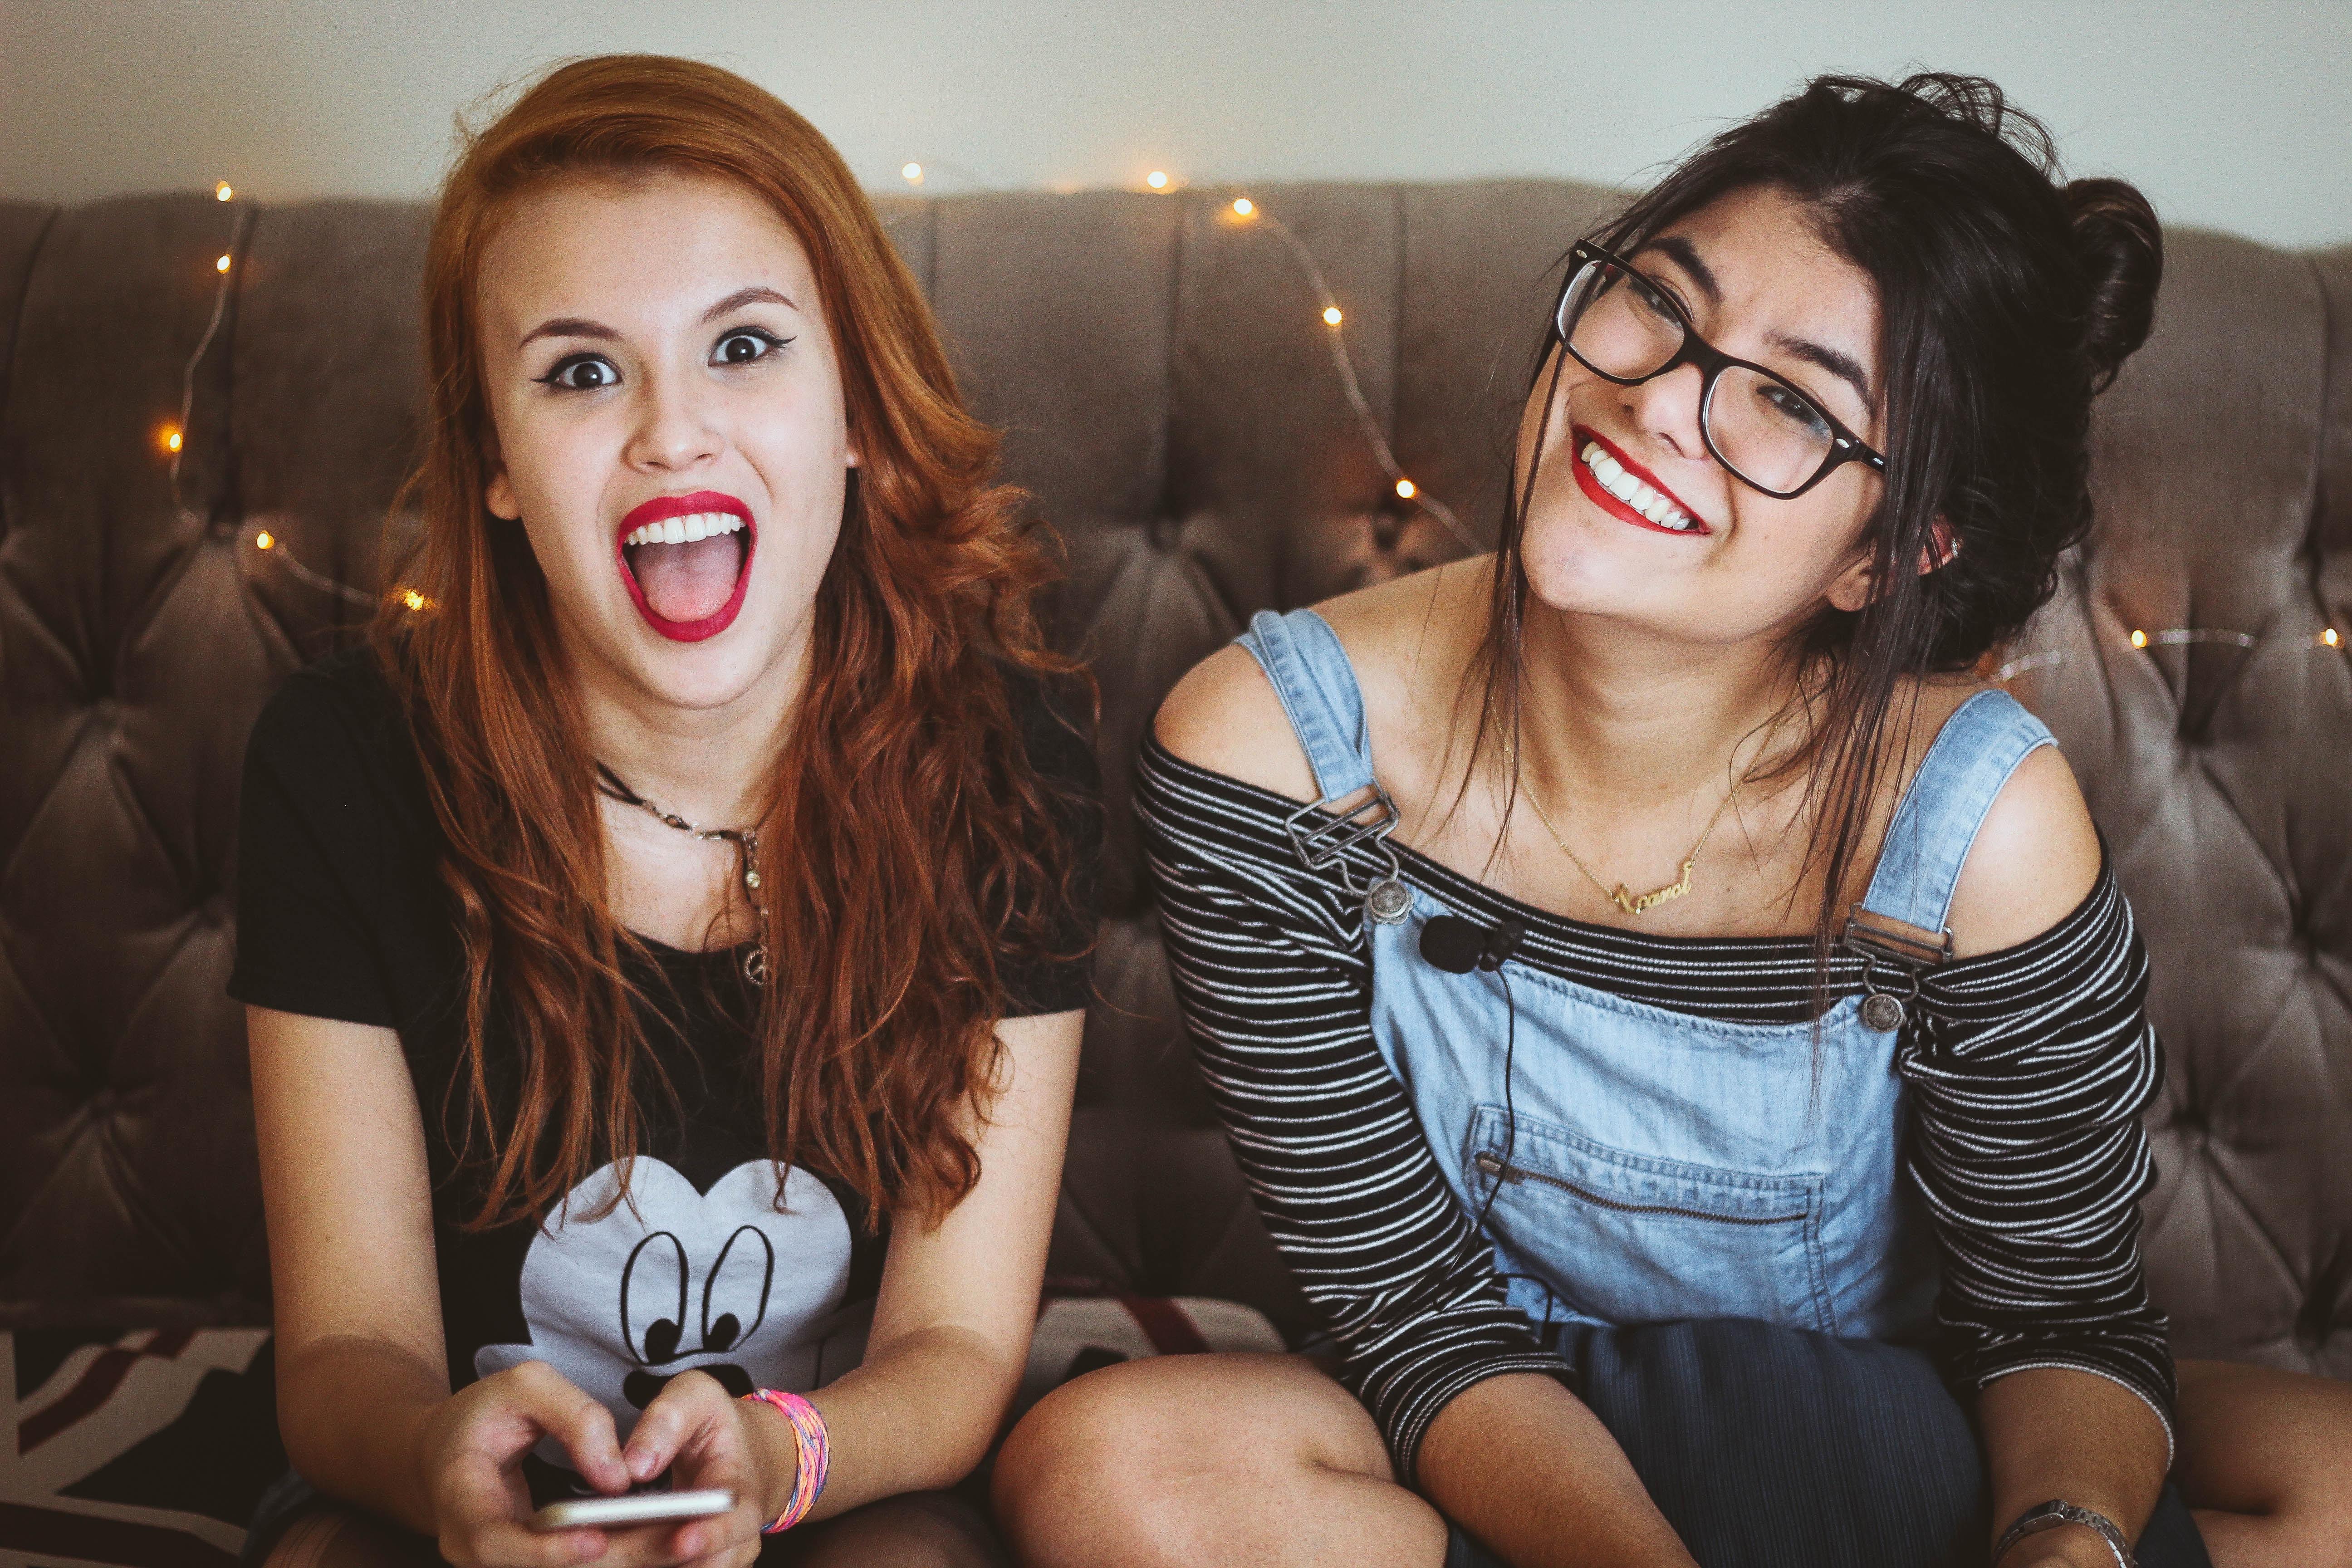 Dos chicas jóvenes sonriendo